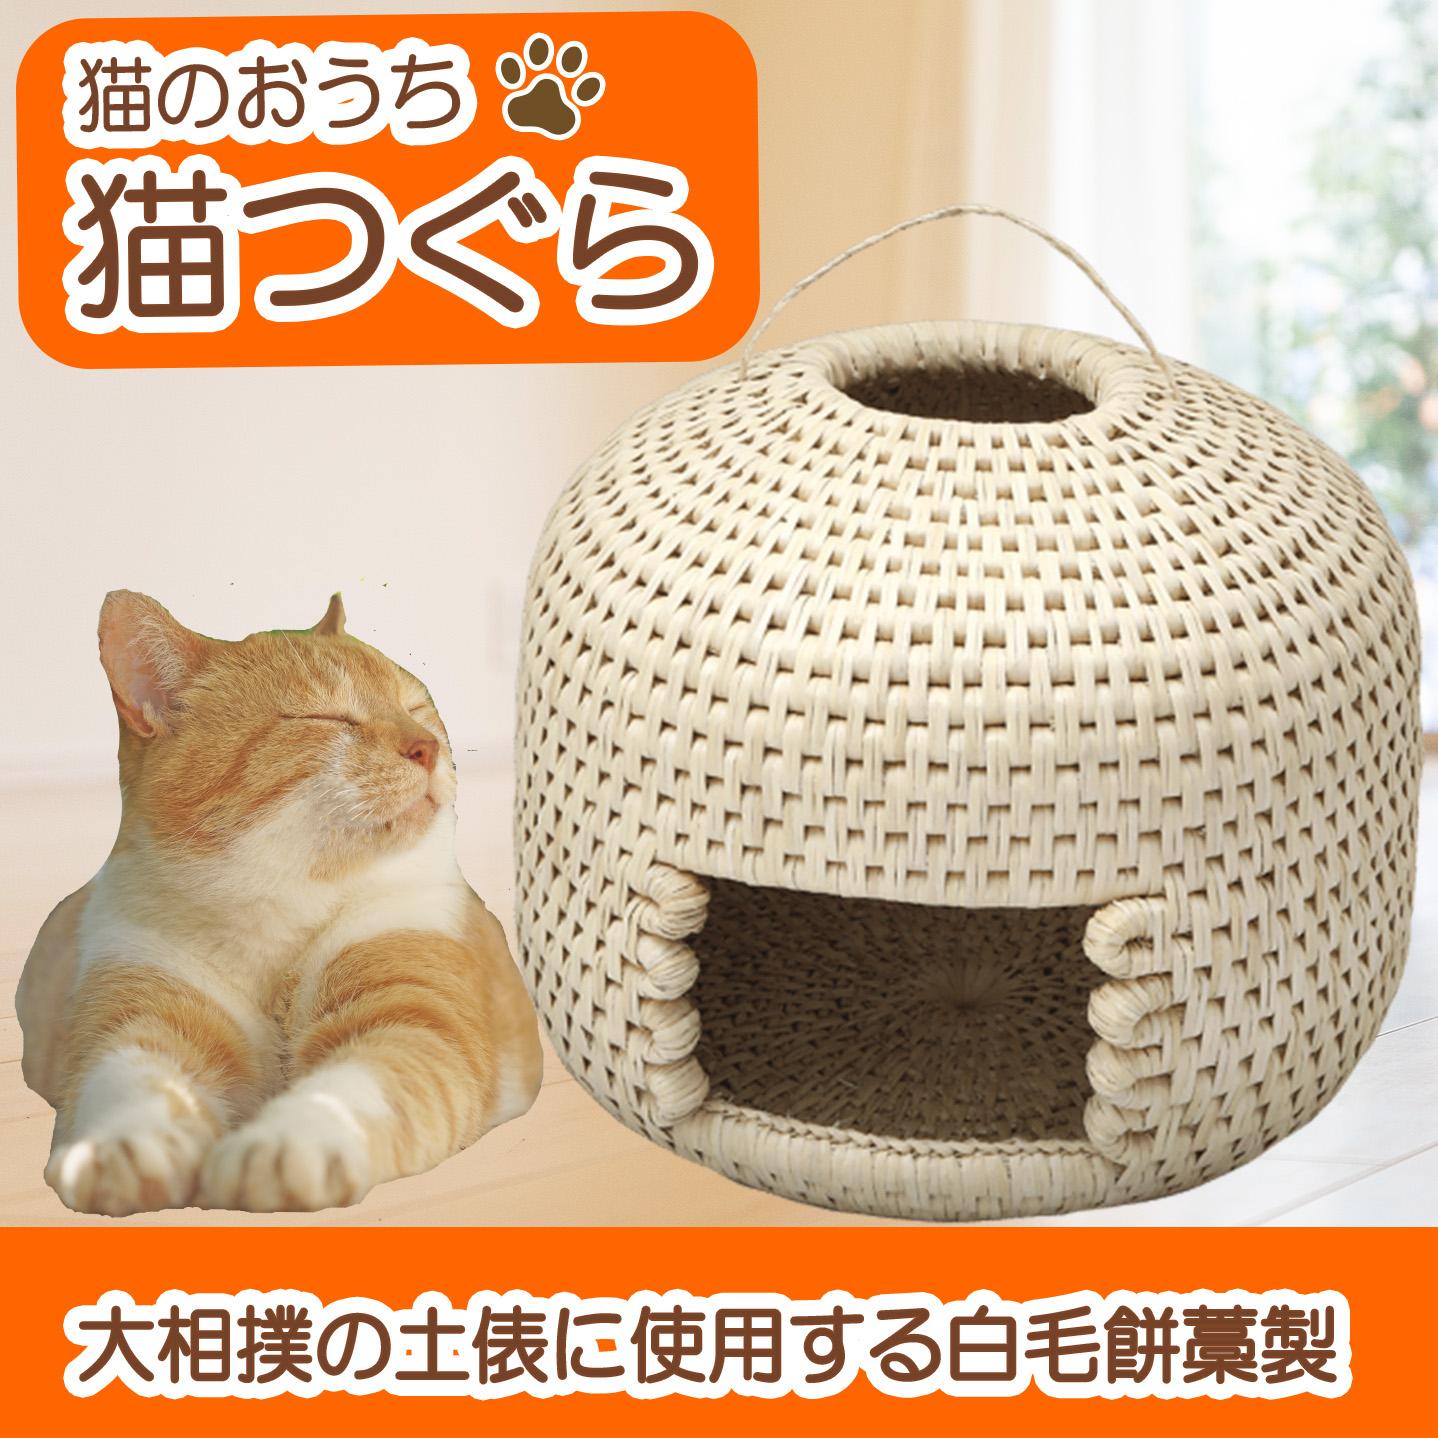 【職人が丁寧に制作した猫のおうち】  猫つぐら 【ご家族の猫ちゃんも嬉しい】